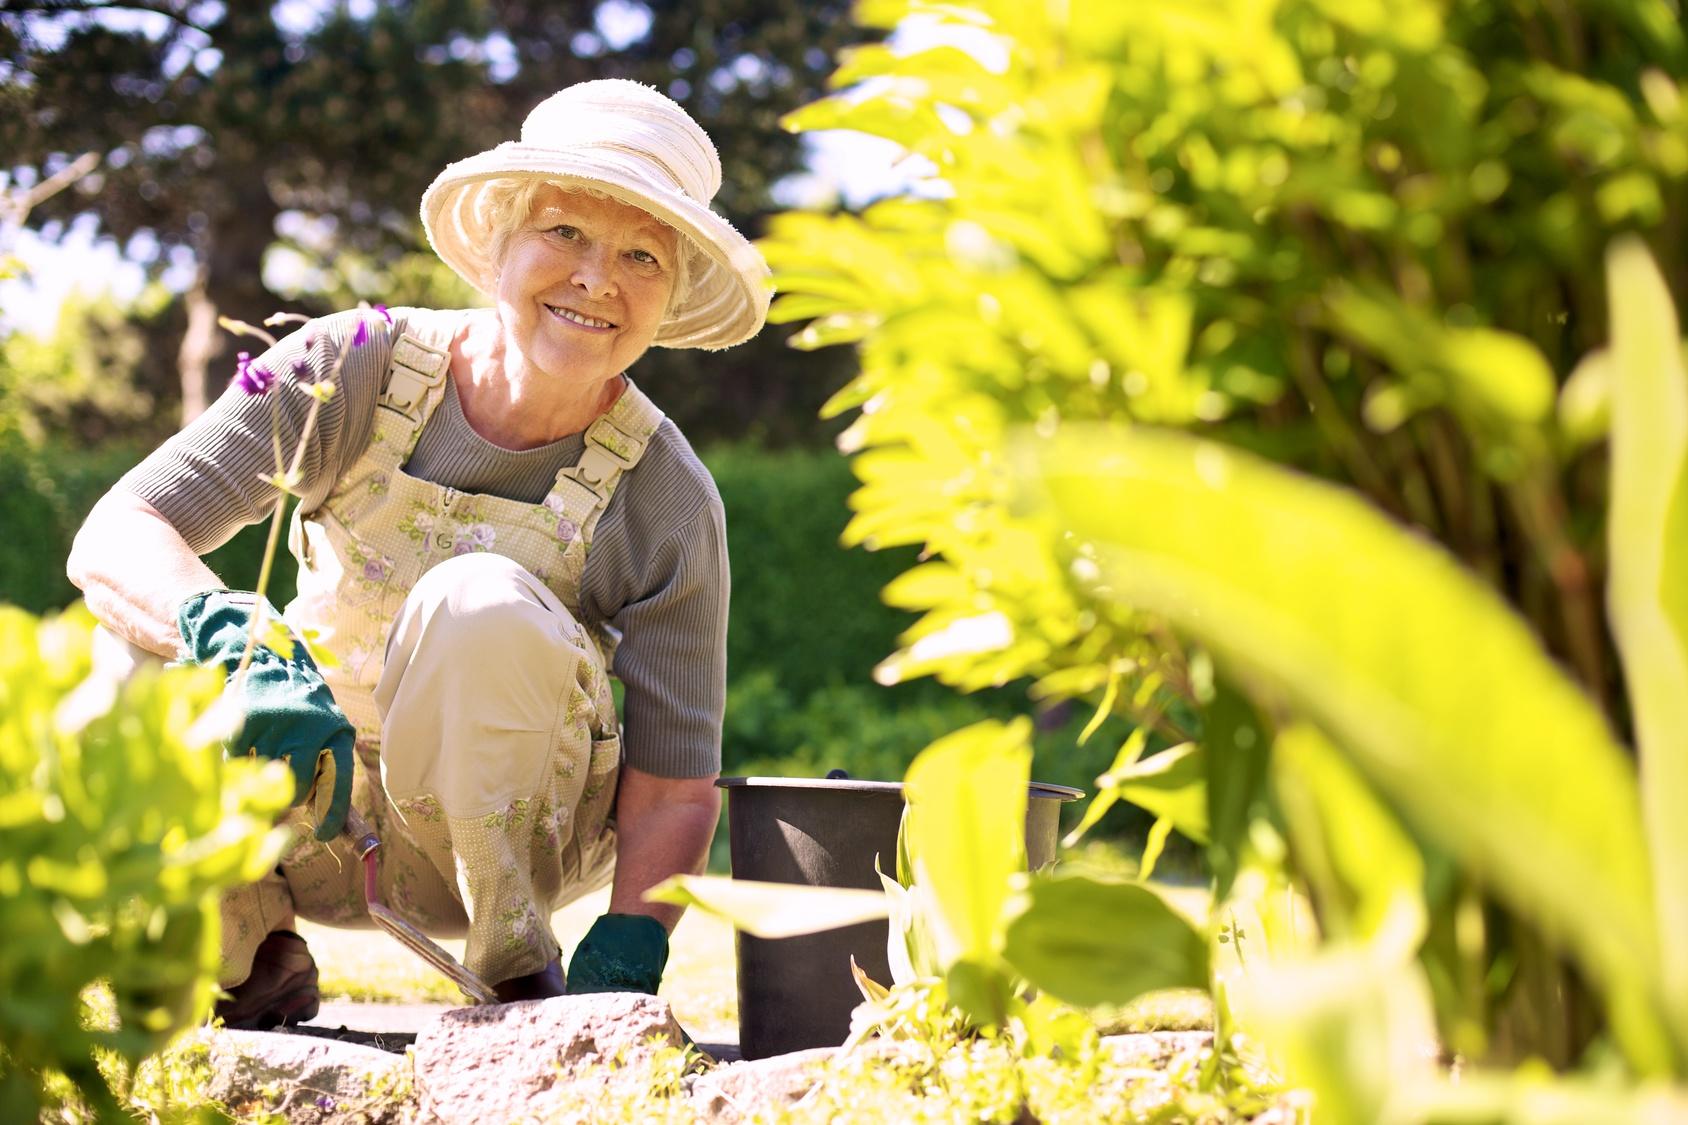 Hilfe im Garten m